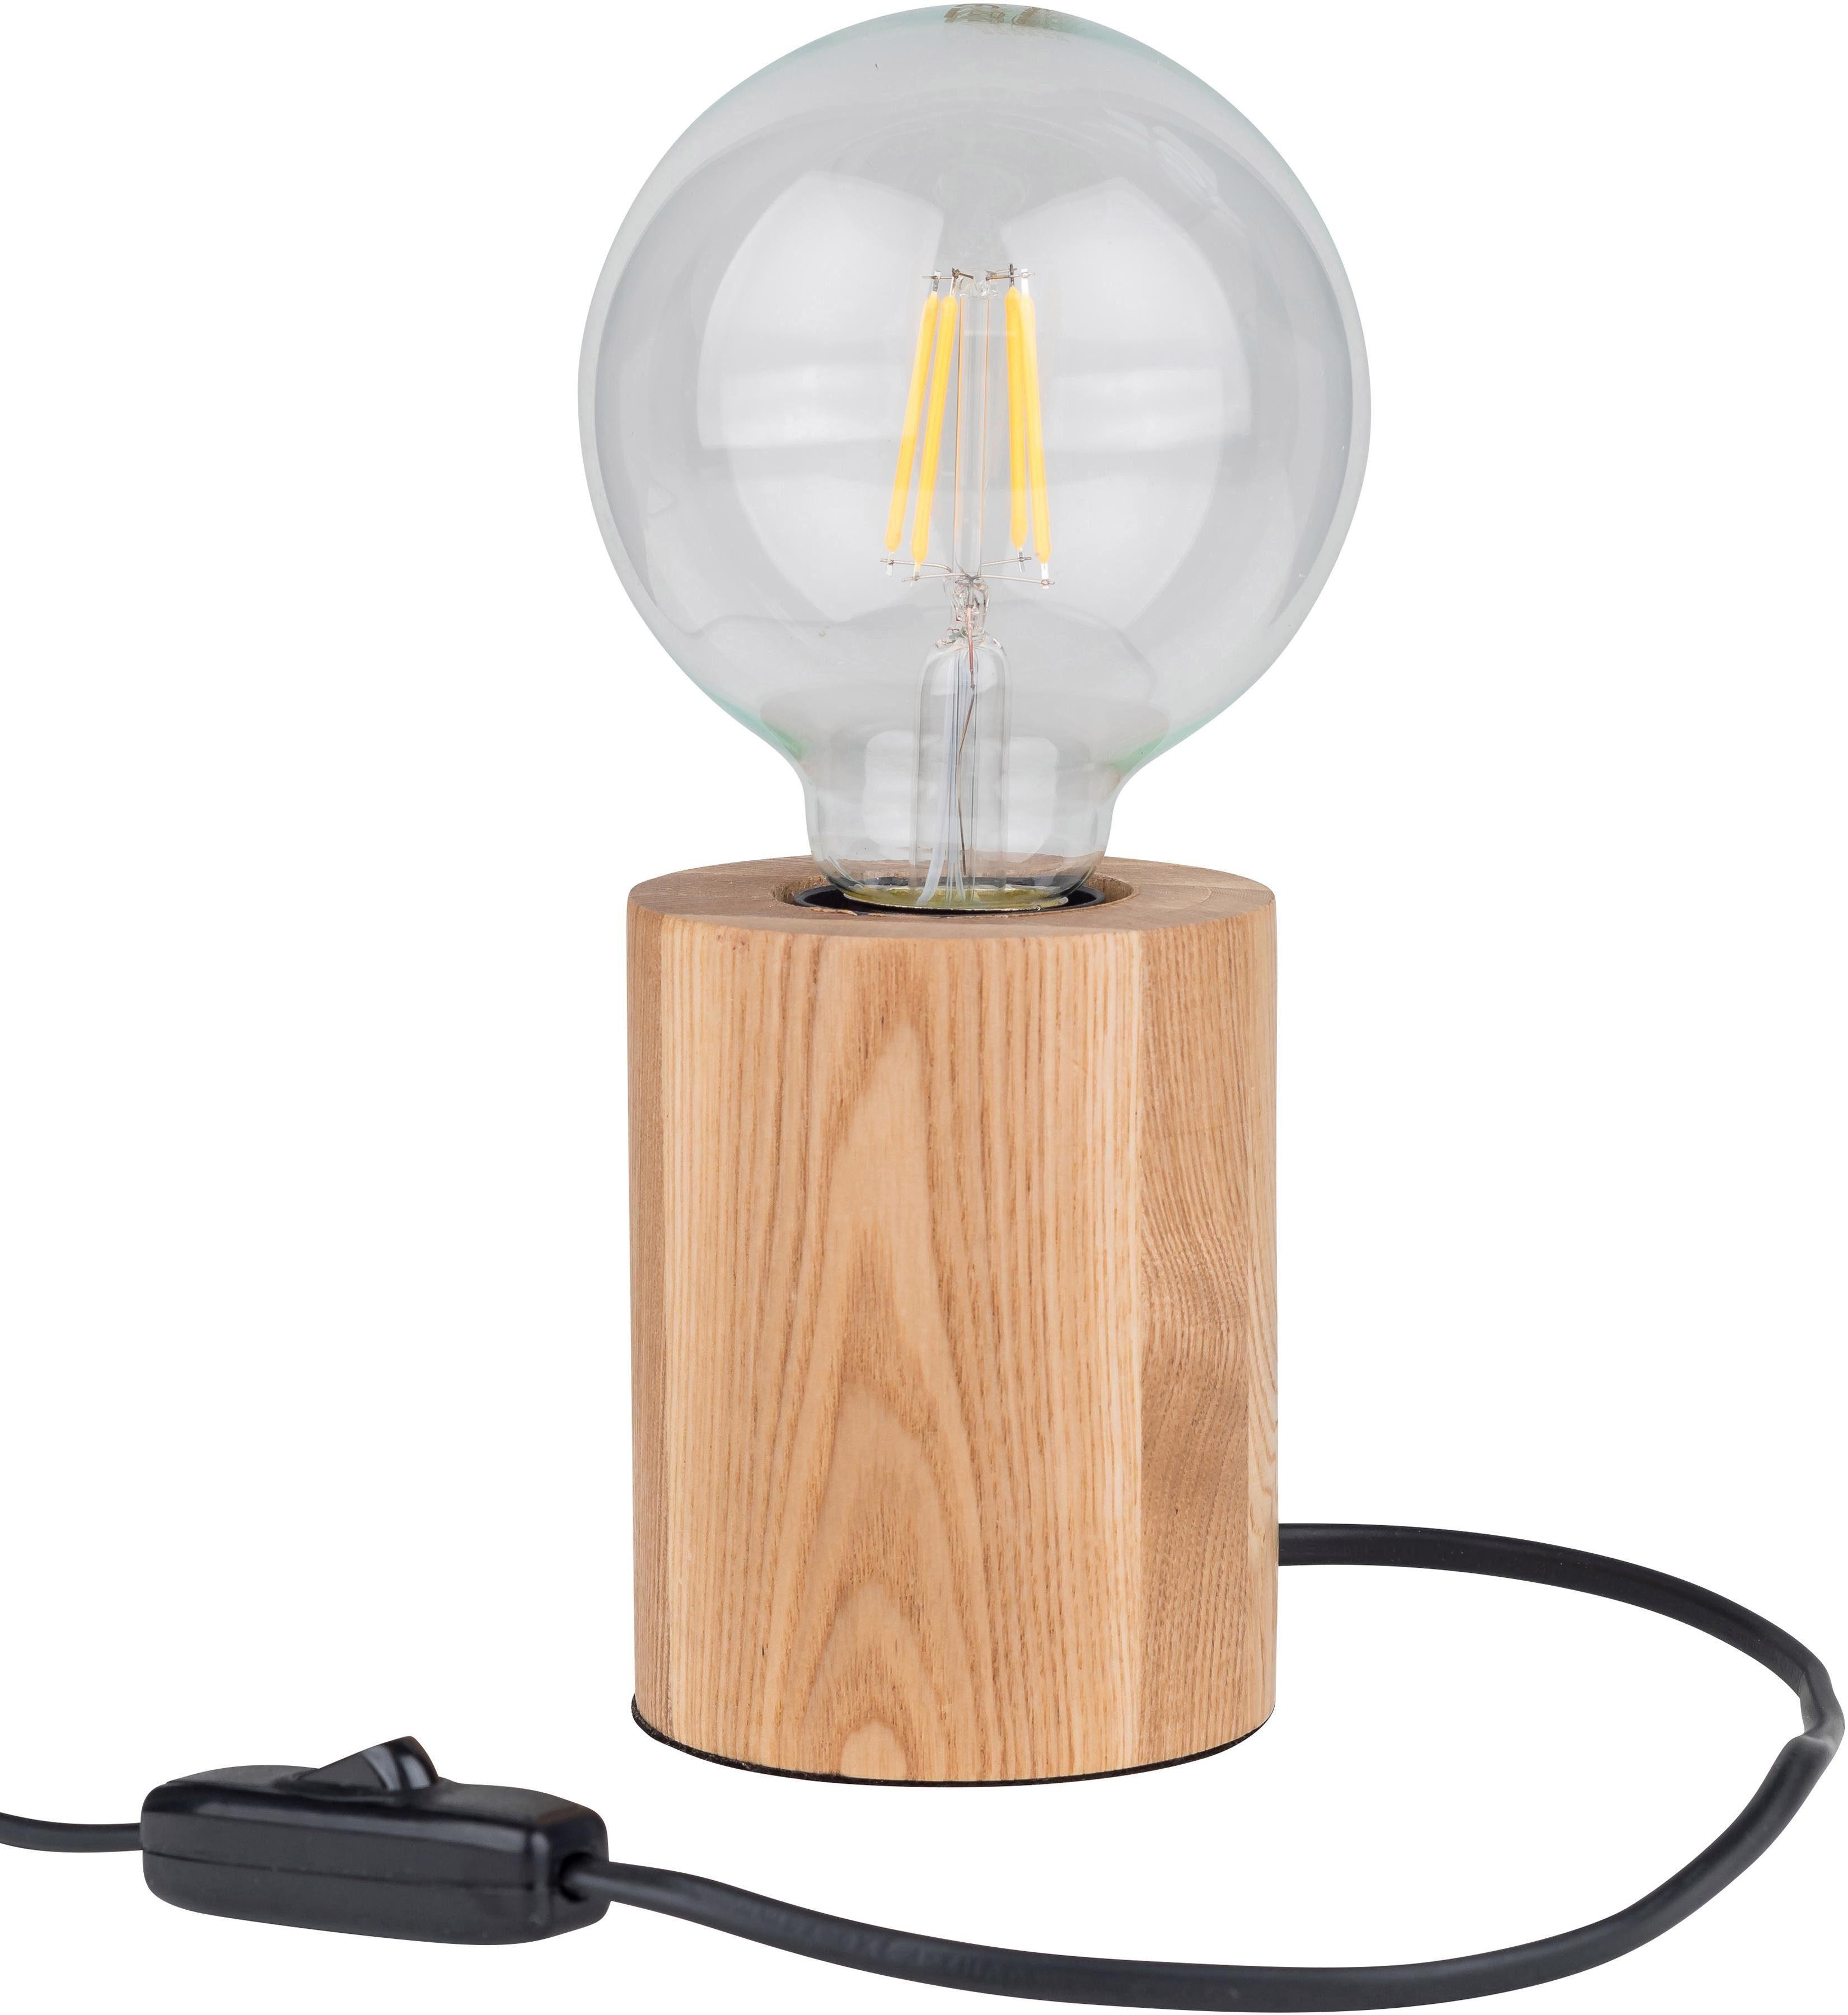 BRITOP LIGHTING Tischleuchte MINNIE, E27, Naturprodukt aus Eicheholz massiv, Nachhaltig - FSC-zertifiziert, Made in EU, passendes LM E27